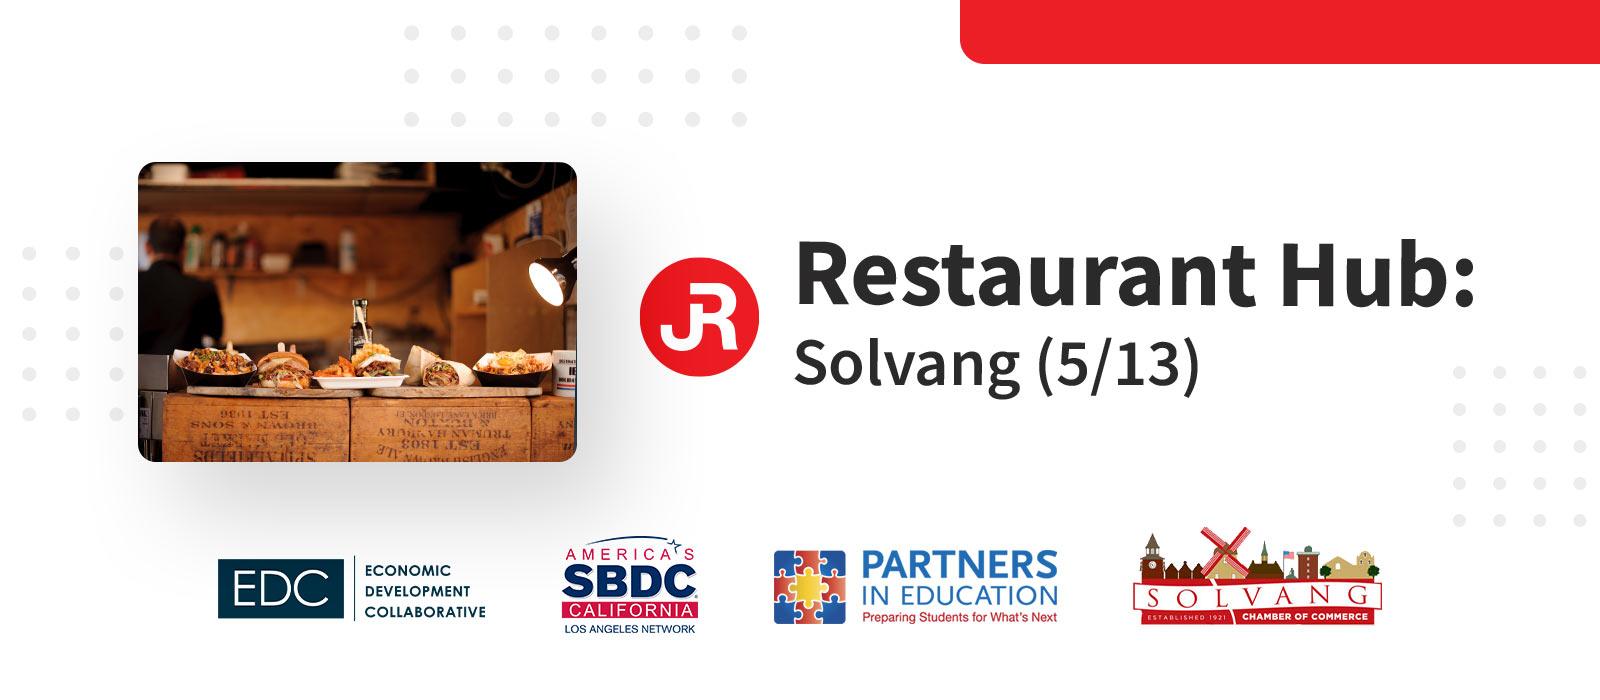 Restaurant-Hub-event-cover-5.13-Solvang